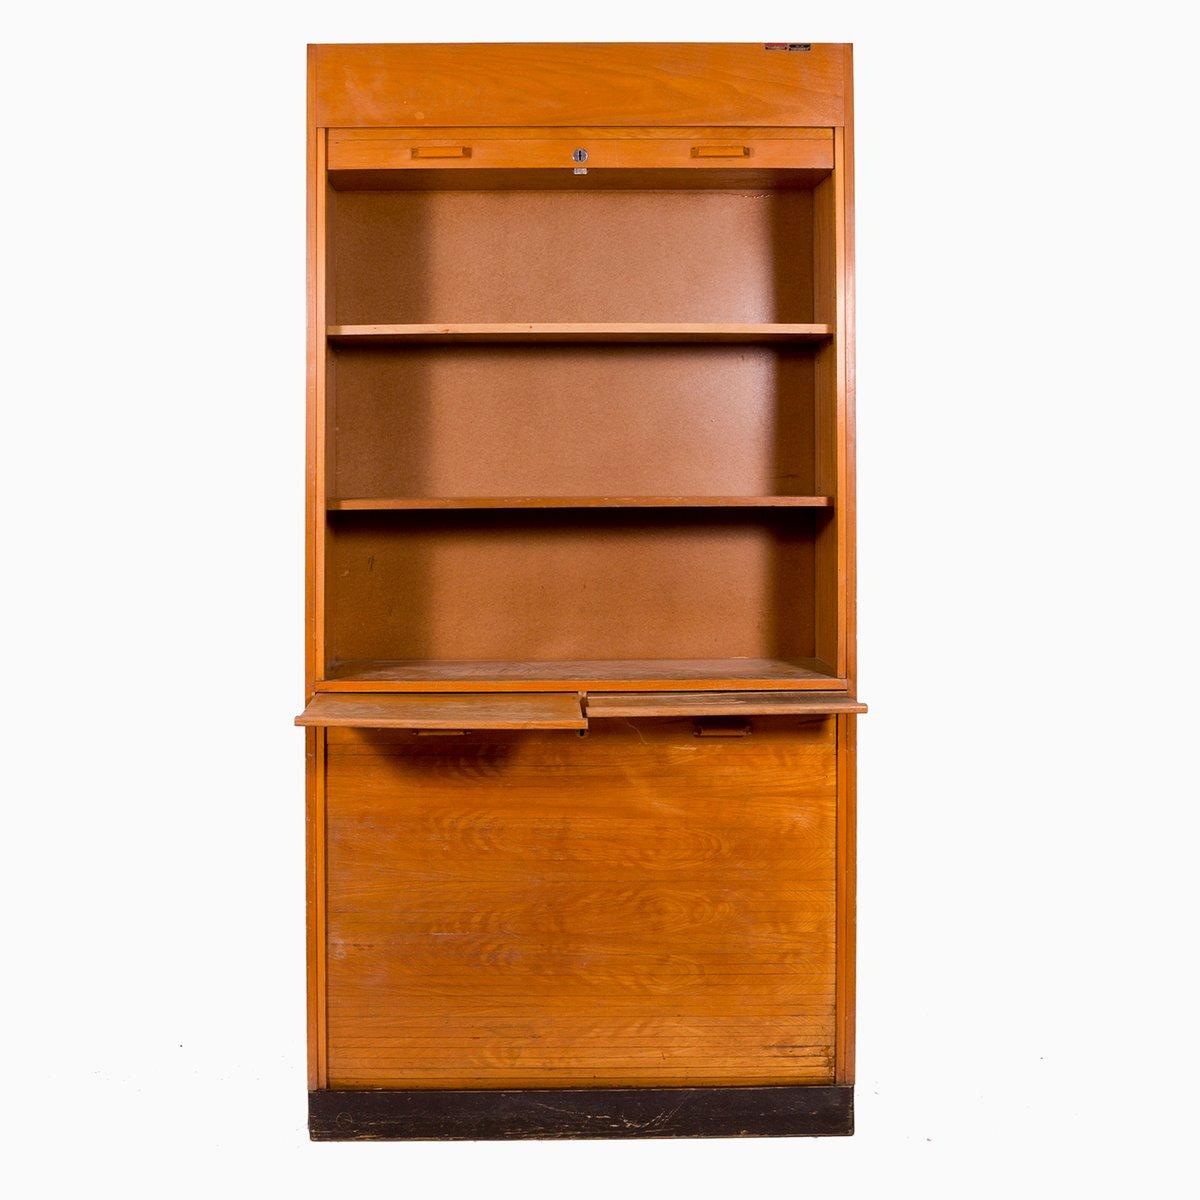 meuble vintage avec porte tambour en vente sur pamono. Black Bedroom Furniture Sets. Home Design Ideas